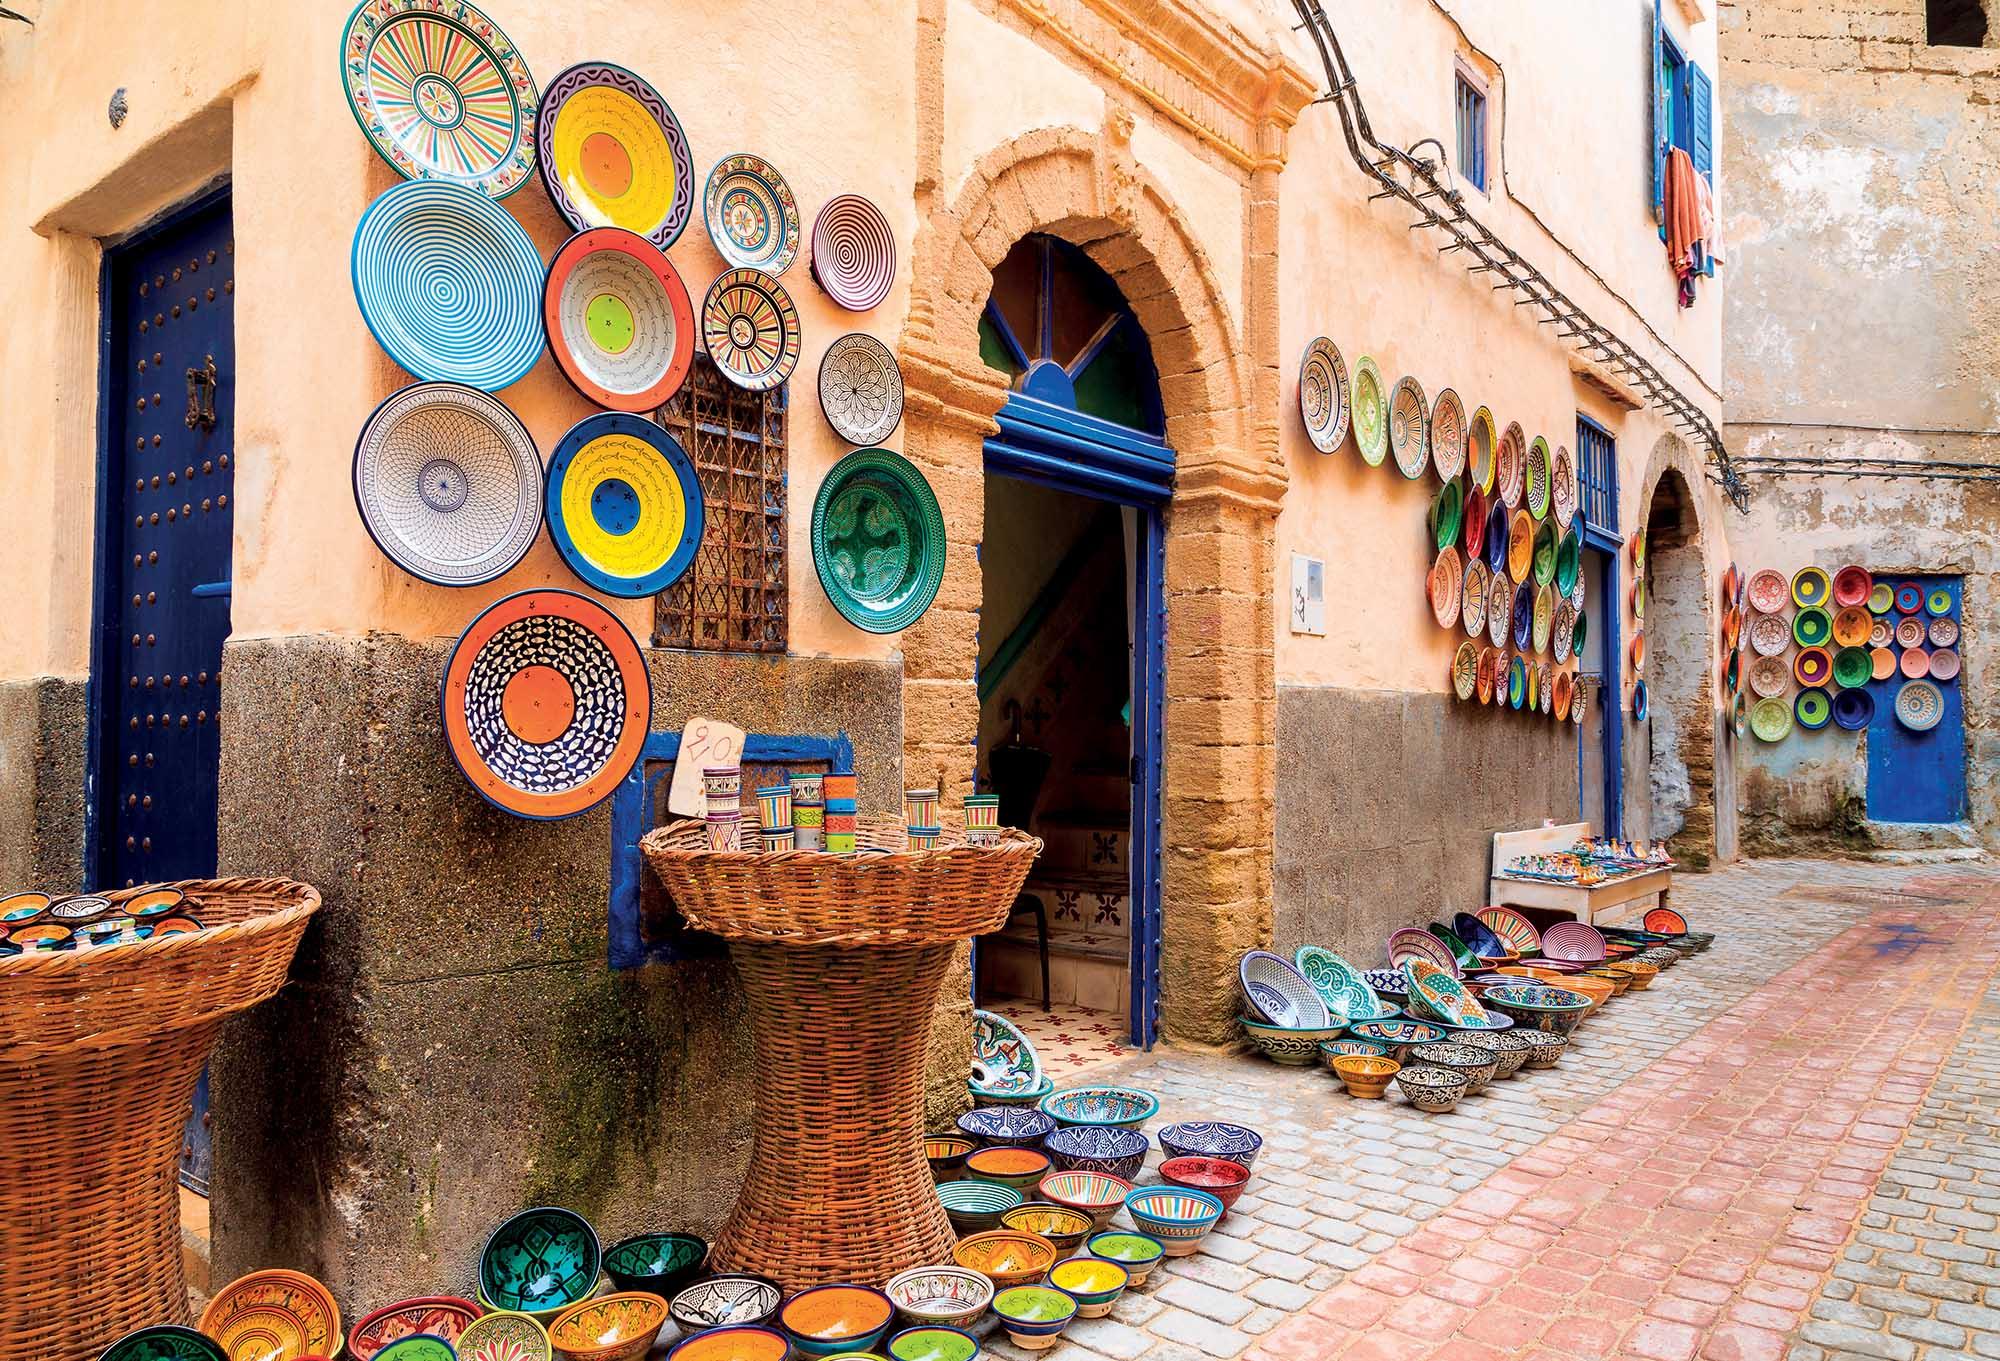 Morocco du lịch những bức tường khảm đá